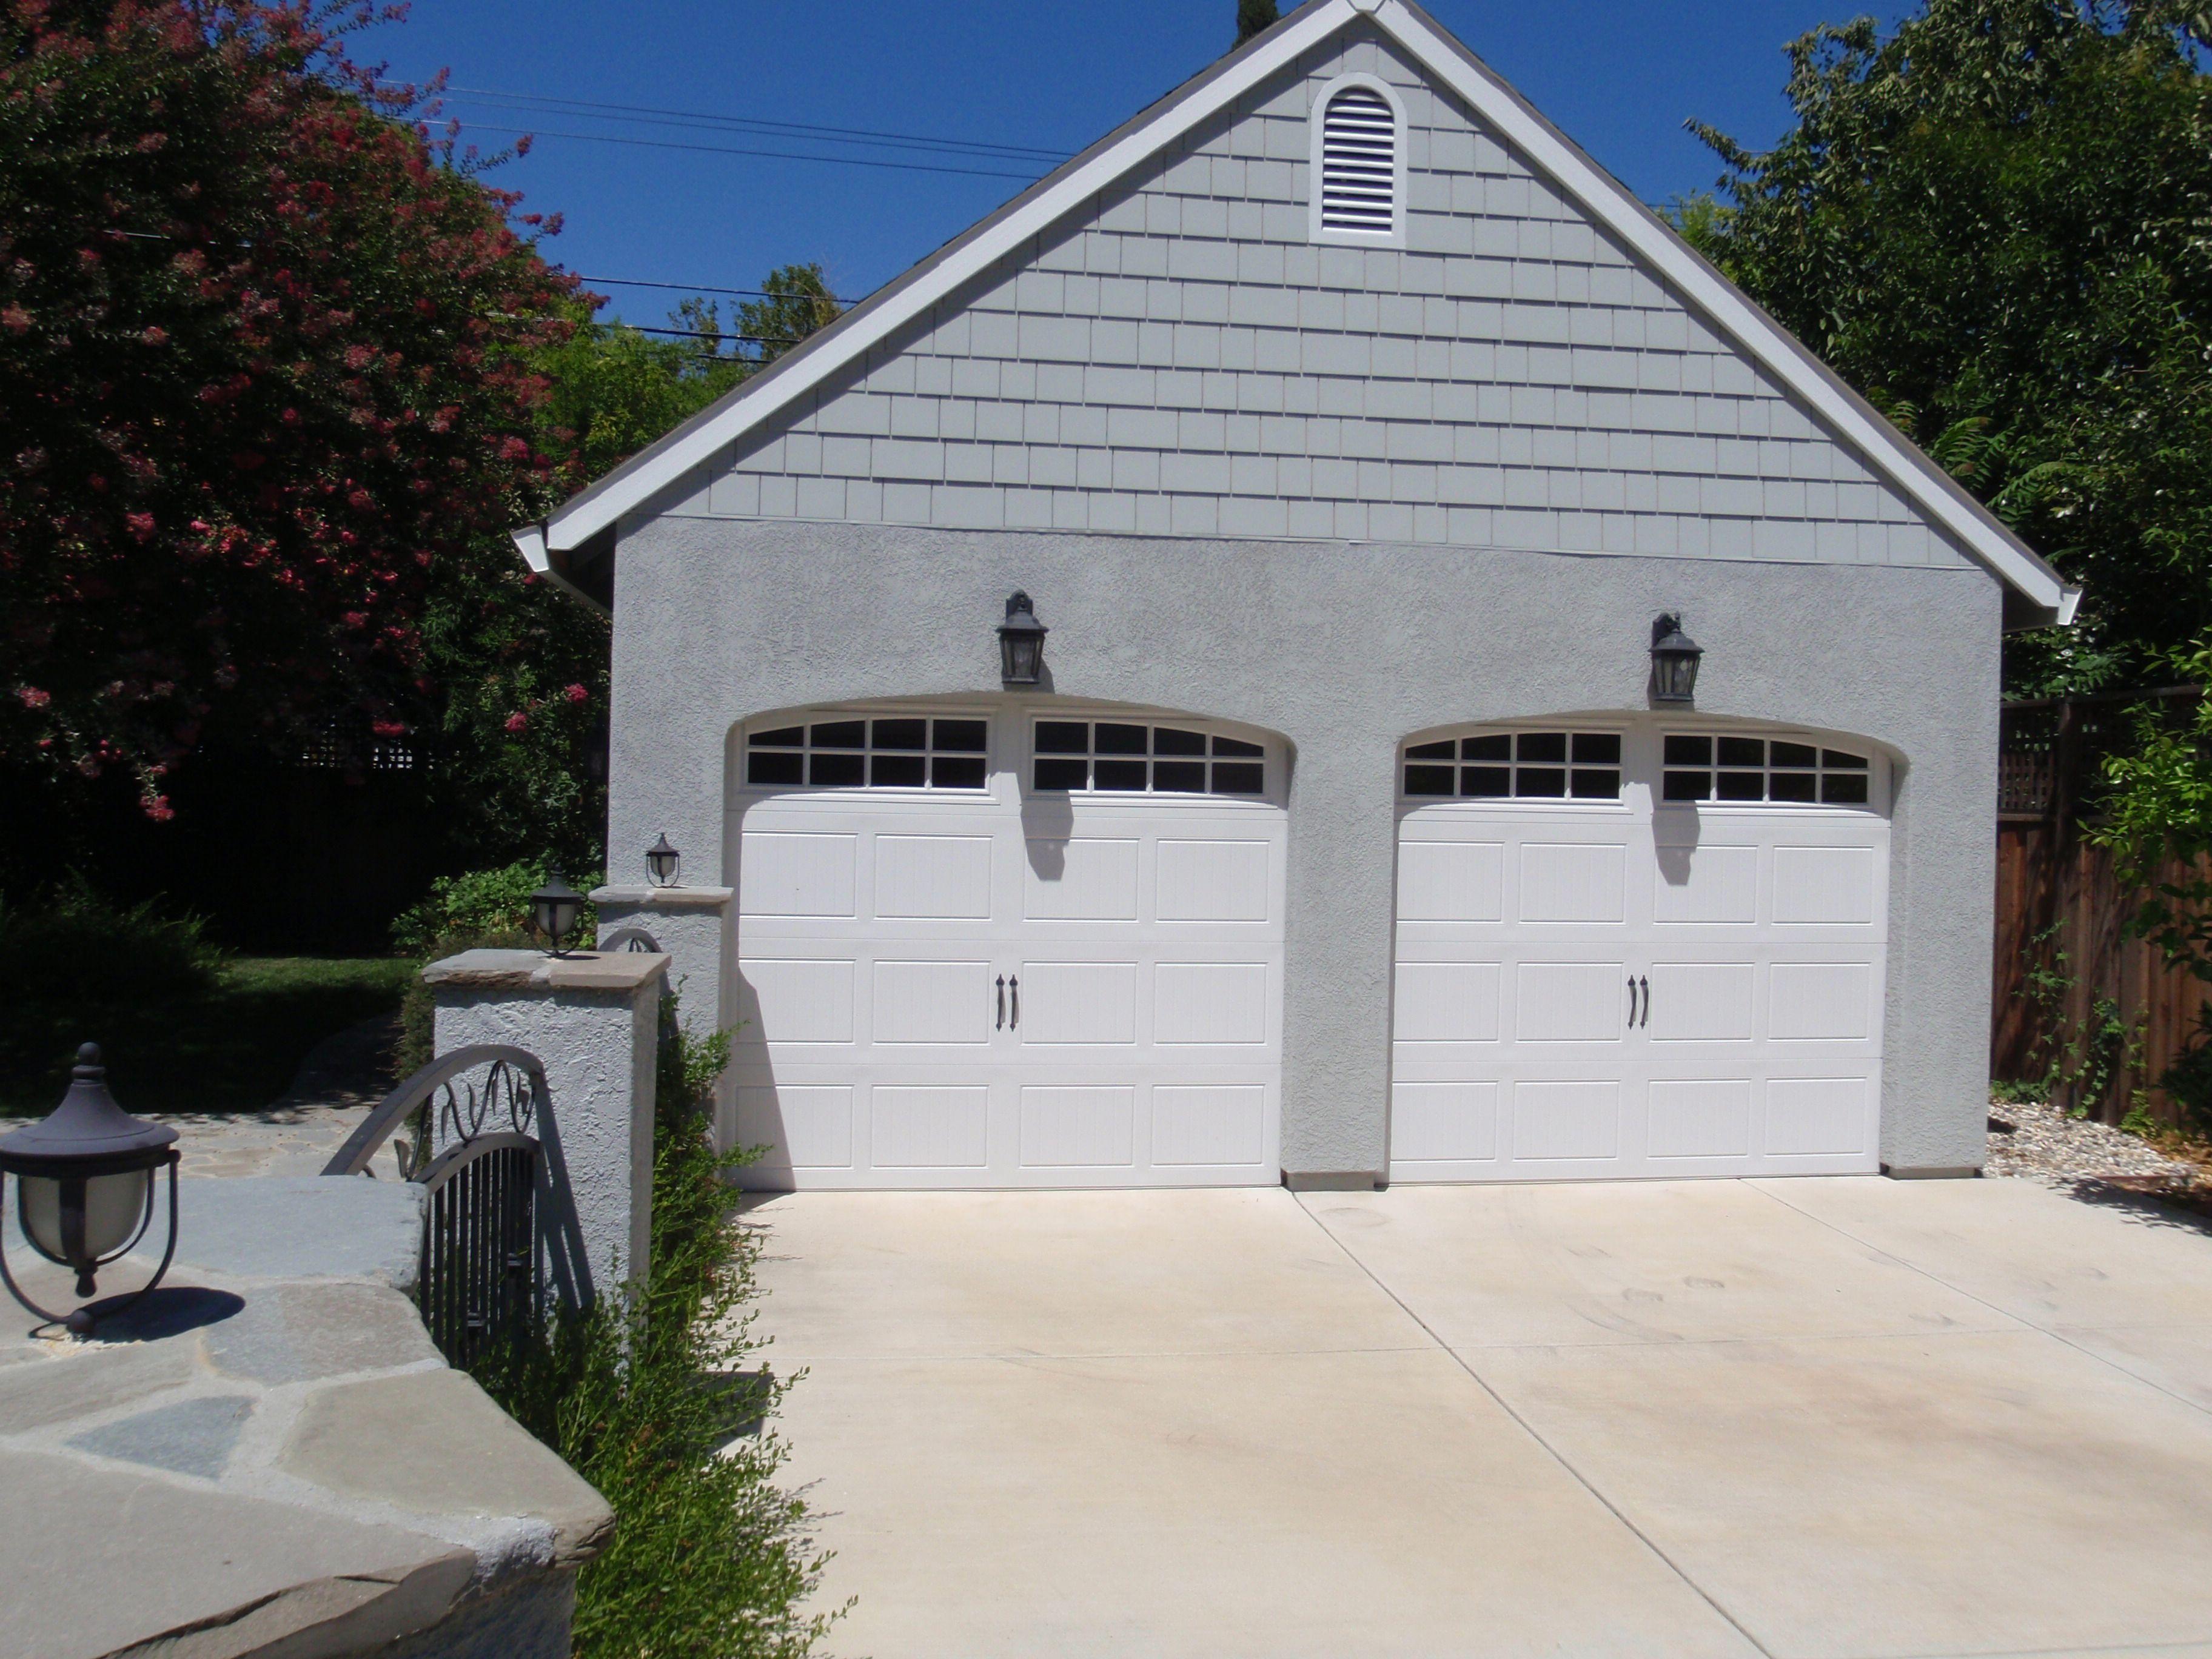 Two Single Garage Doors Single Garage Door Outdoor Decor